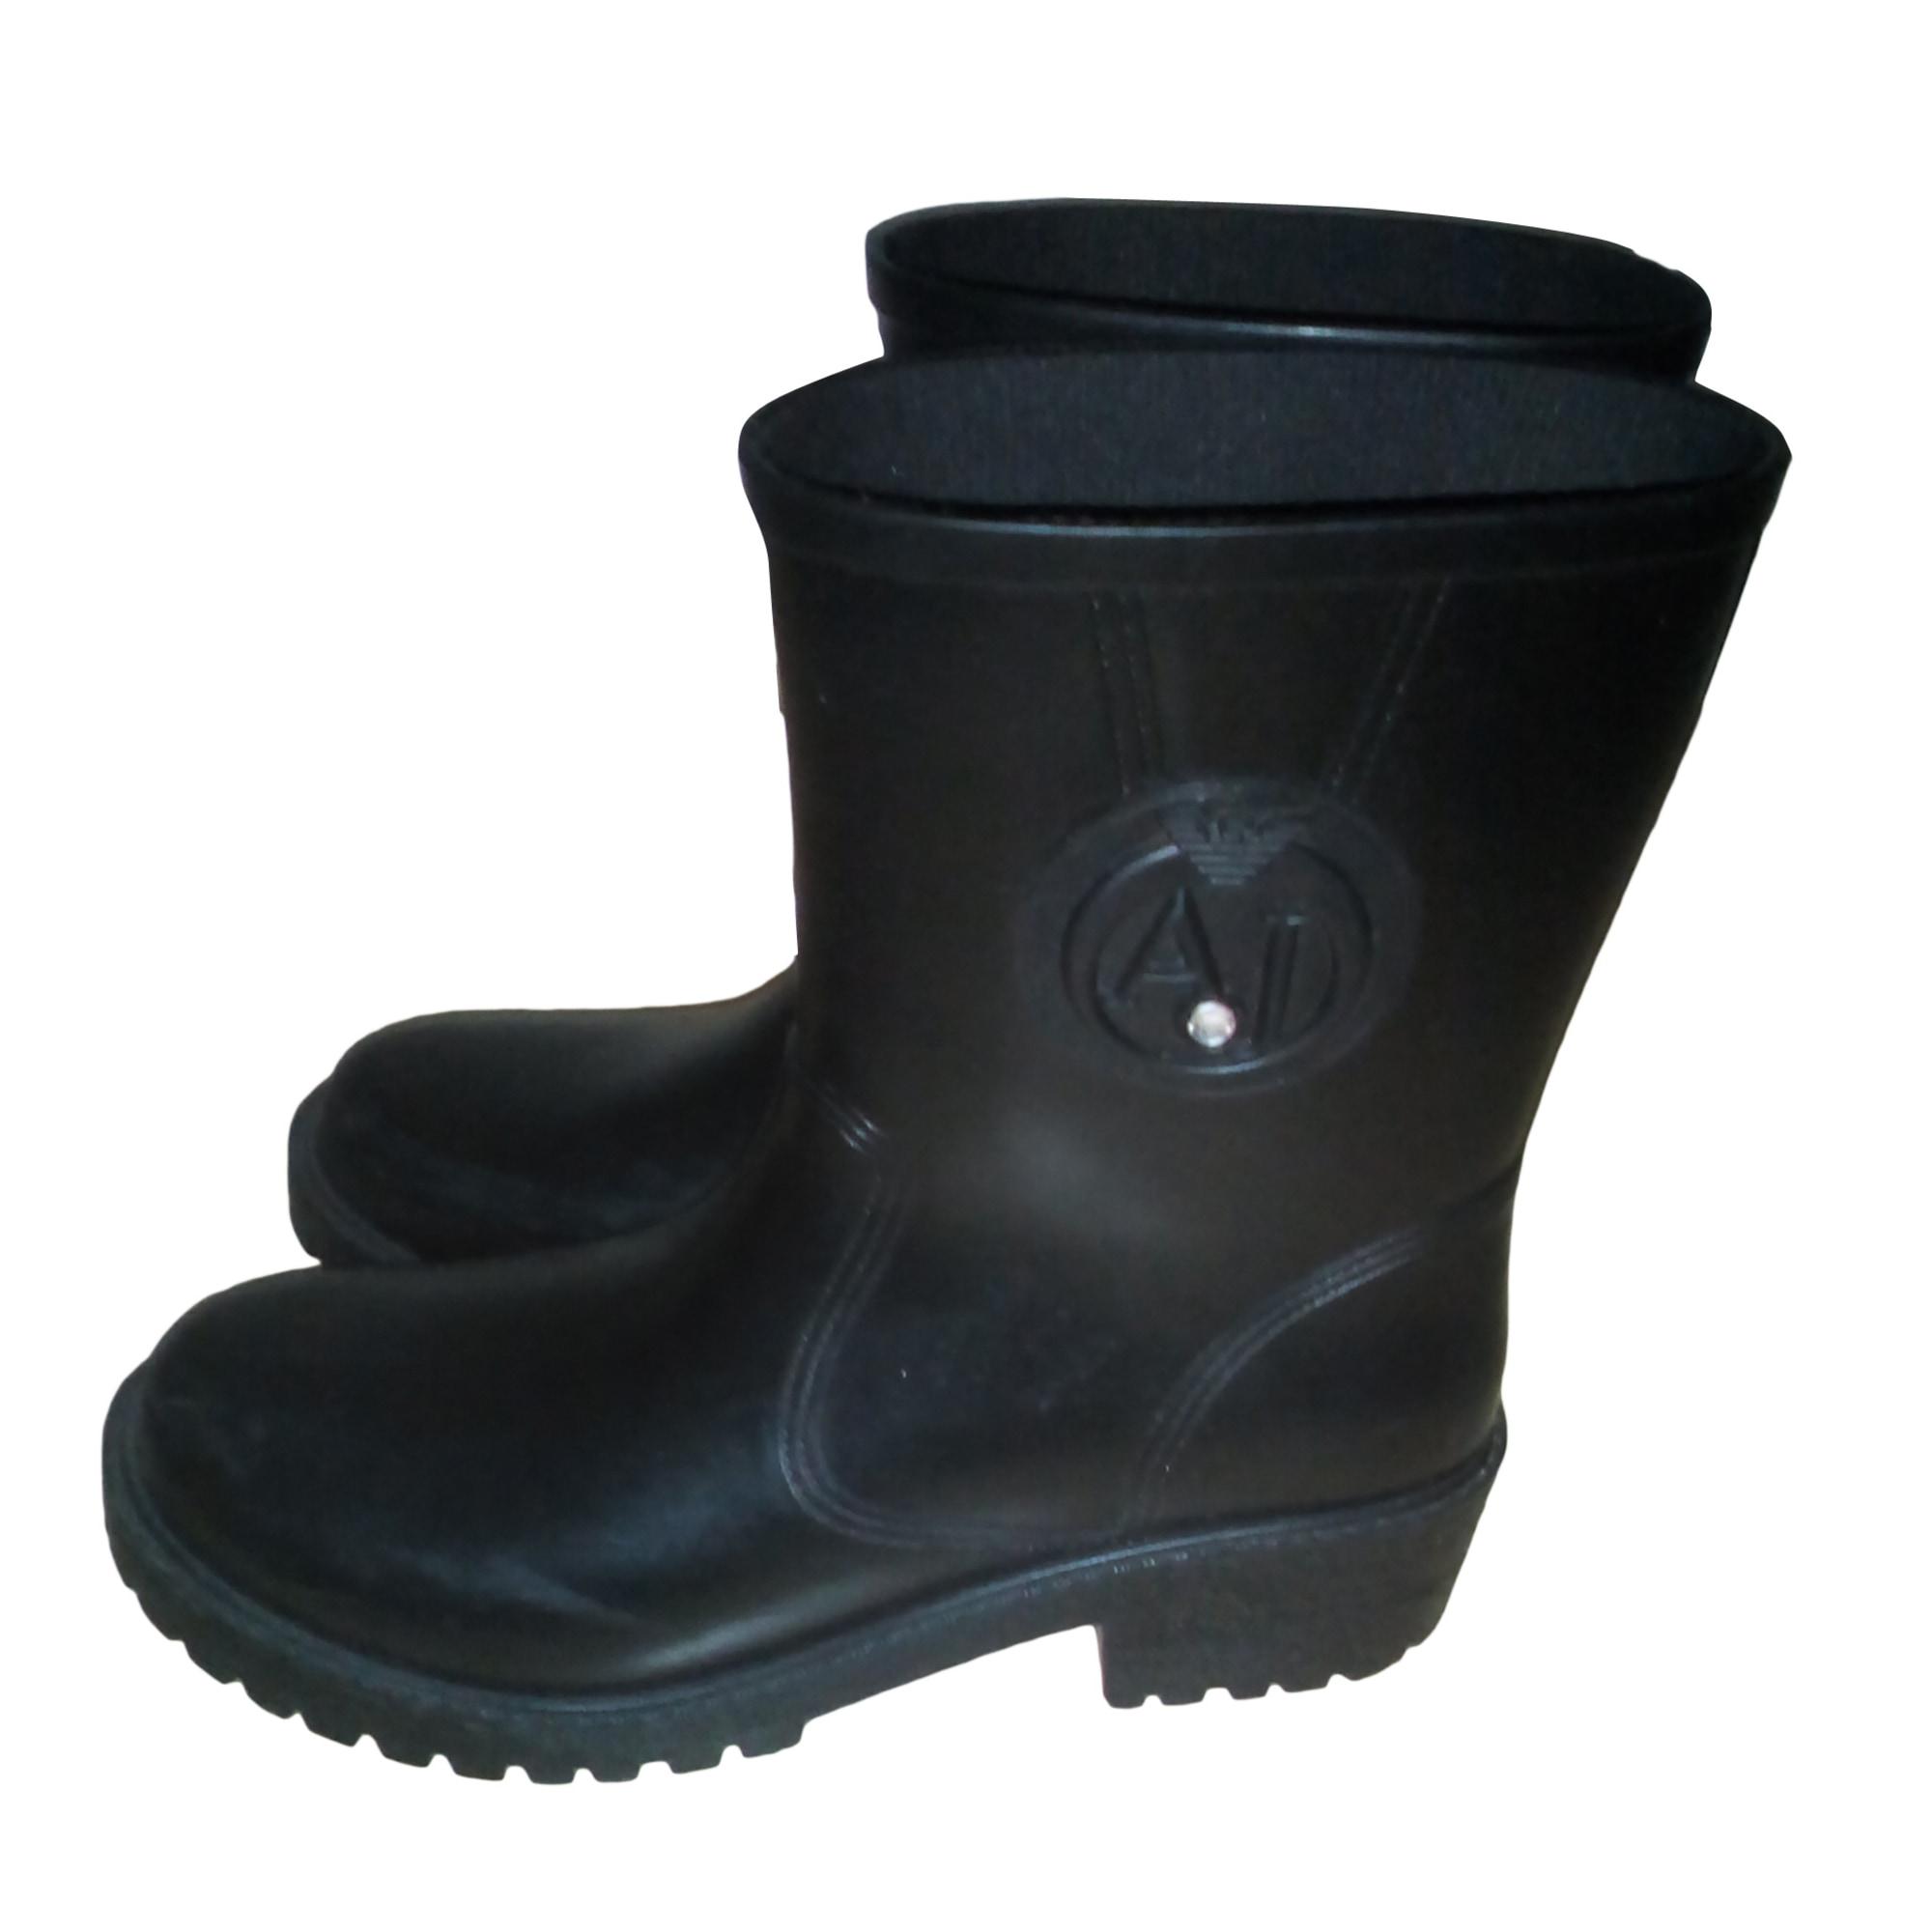 Bottes de pluie ARMANI JEANS 40 noir - 6425455 df24276e0c6e